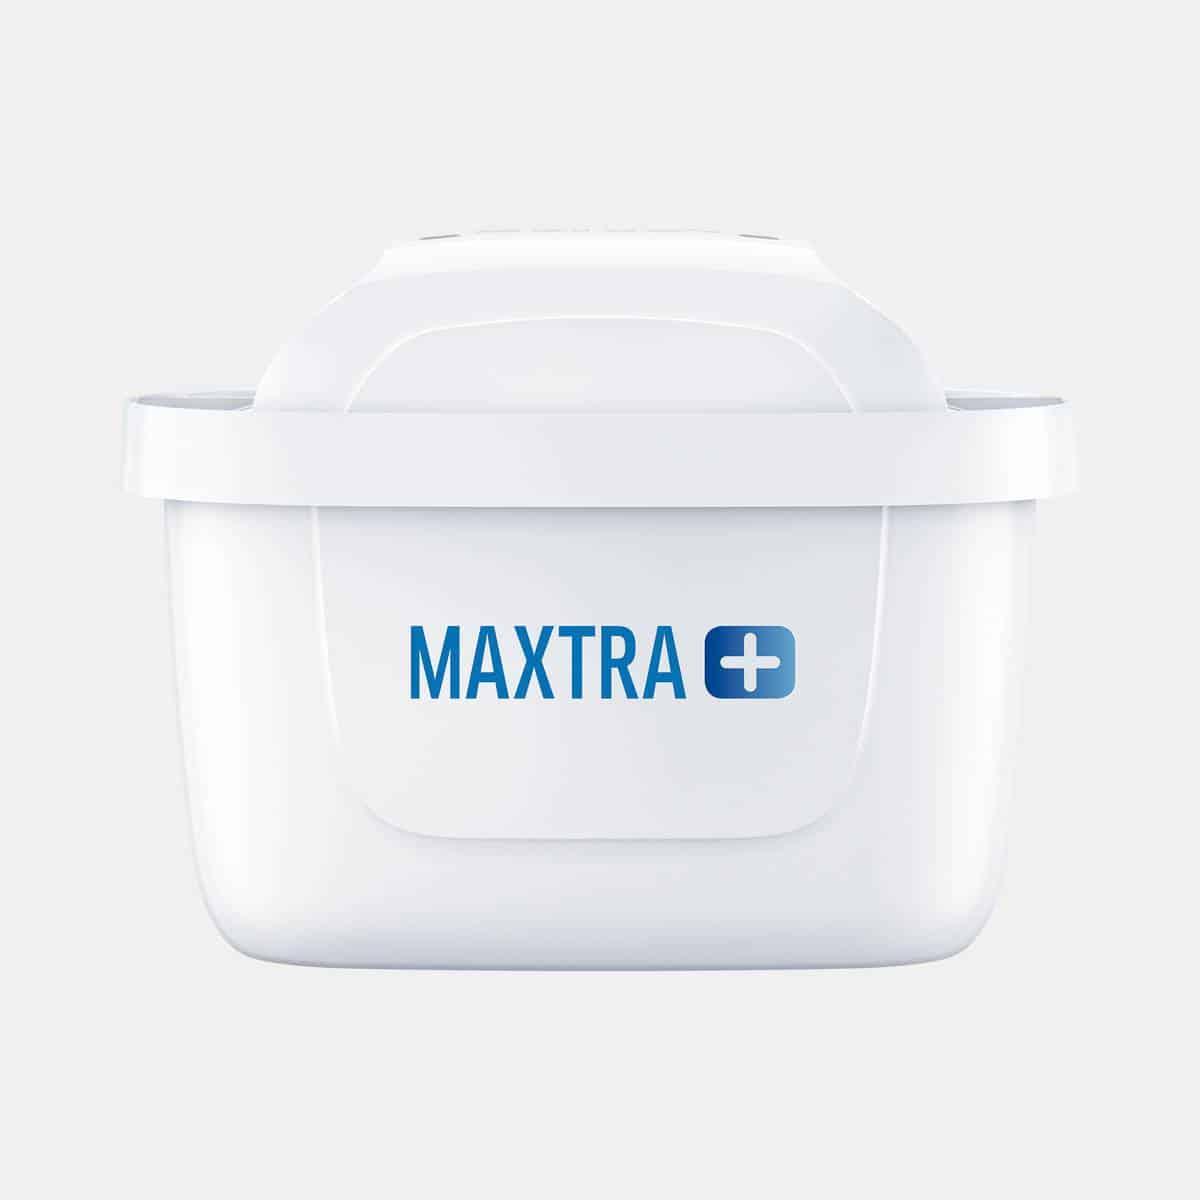 BRITA MAXTRA+ Filter for water filter jugs